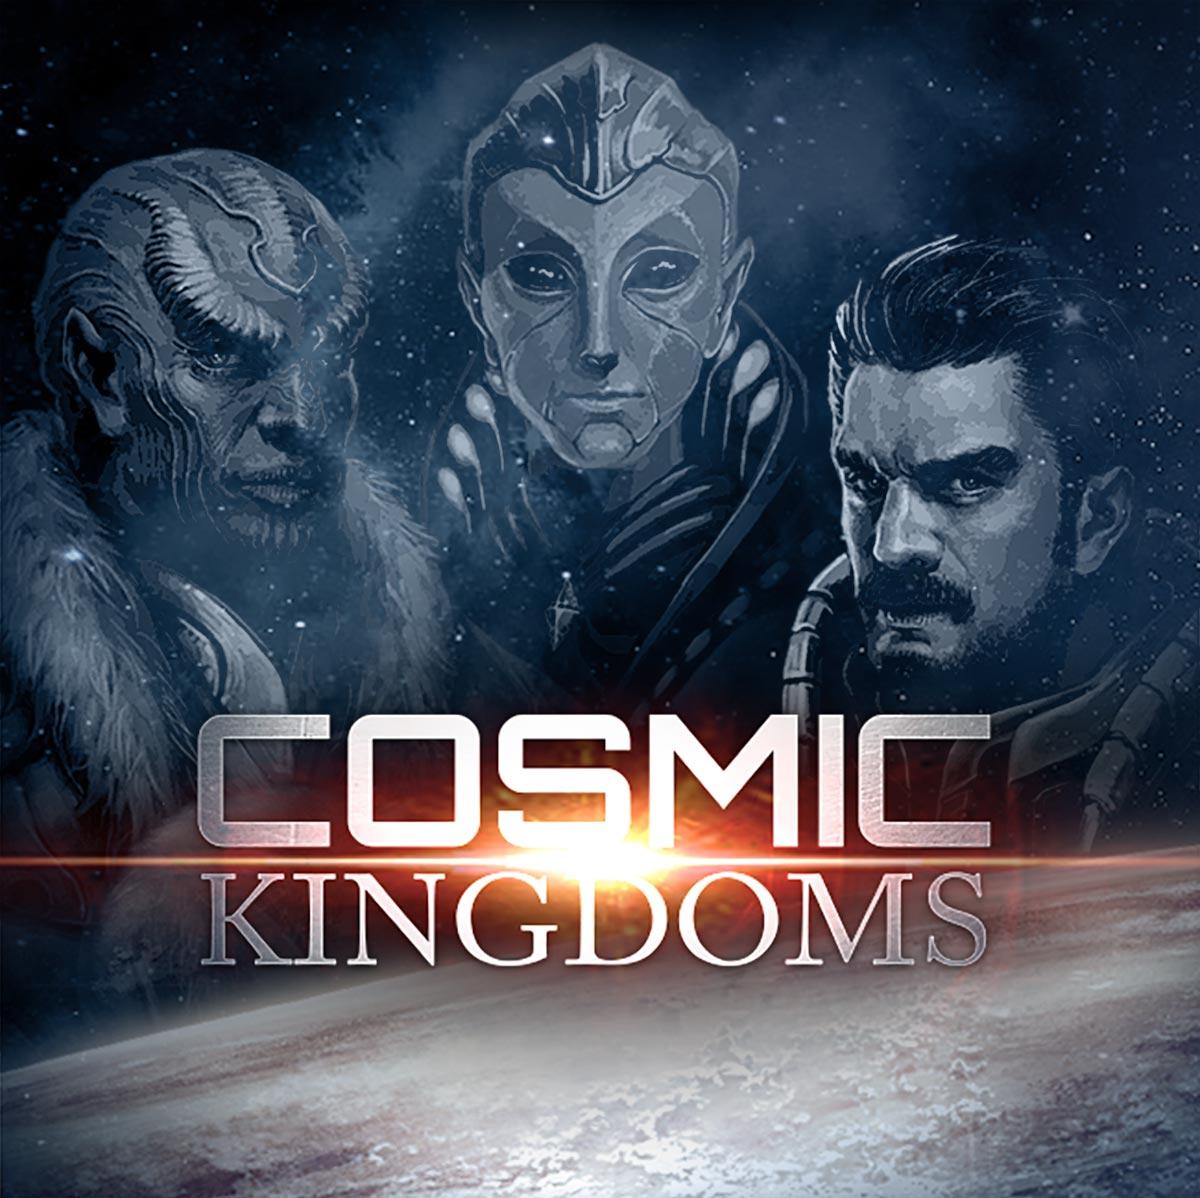 COSMIC KINGDOMS